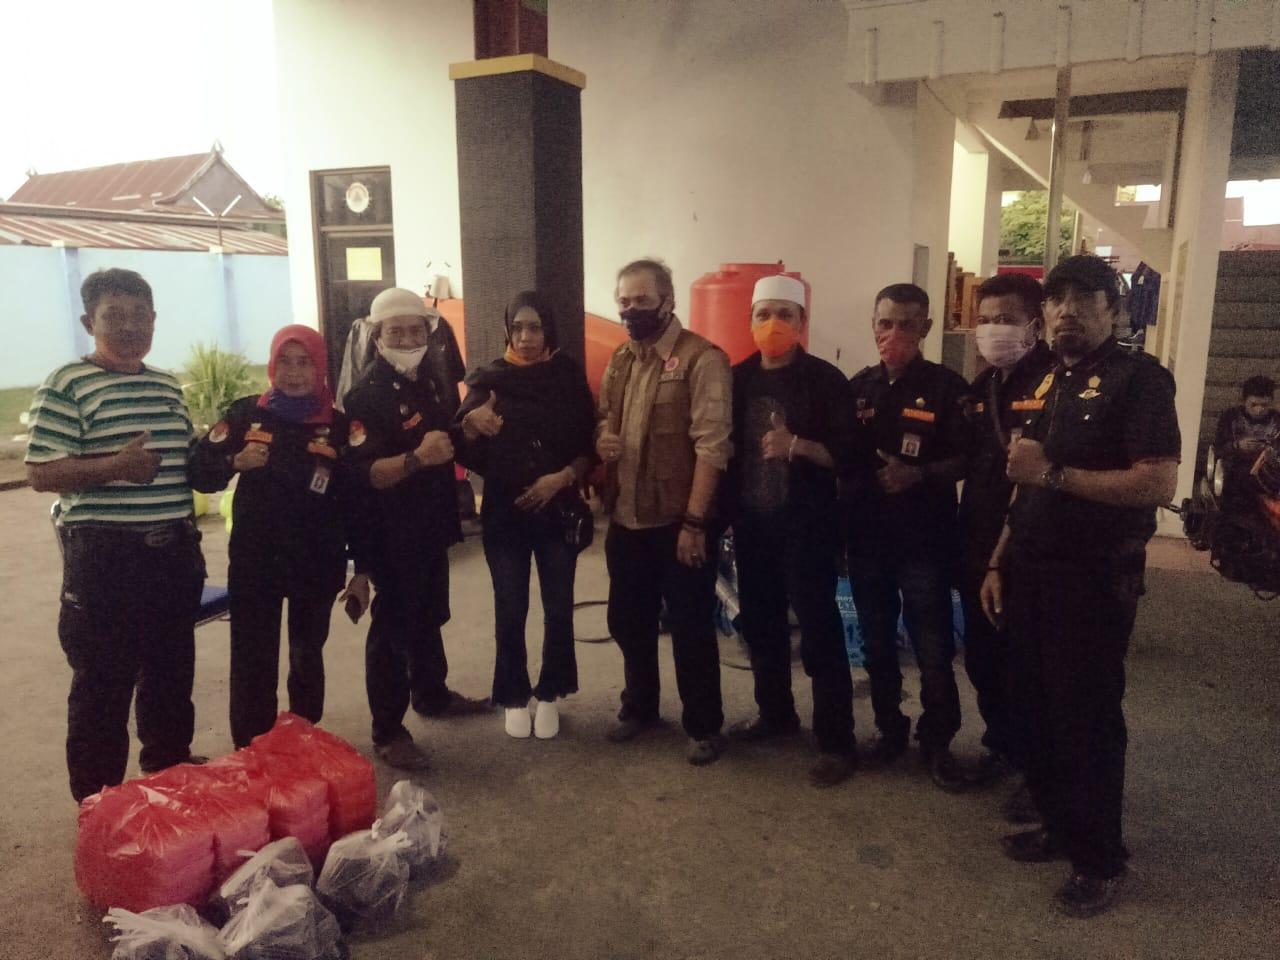 DPD APKAN RI Bone Kembali Berbagi Ratusan Paket Menu Buka Puasa ke Rumah Yatim dan Tahfiz Qur'an